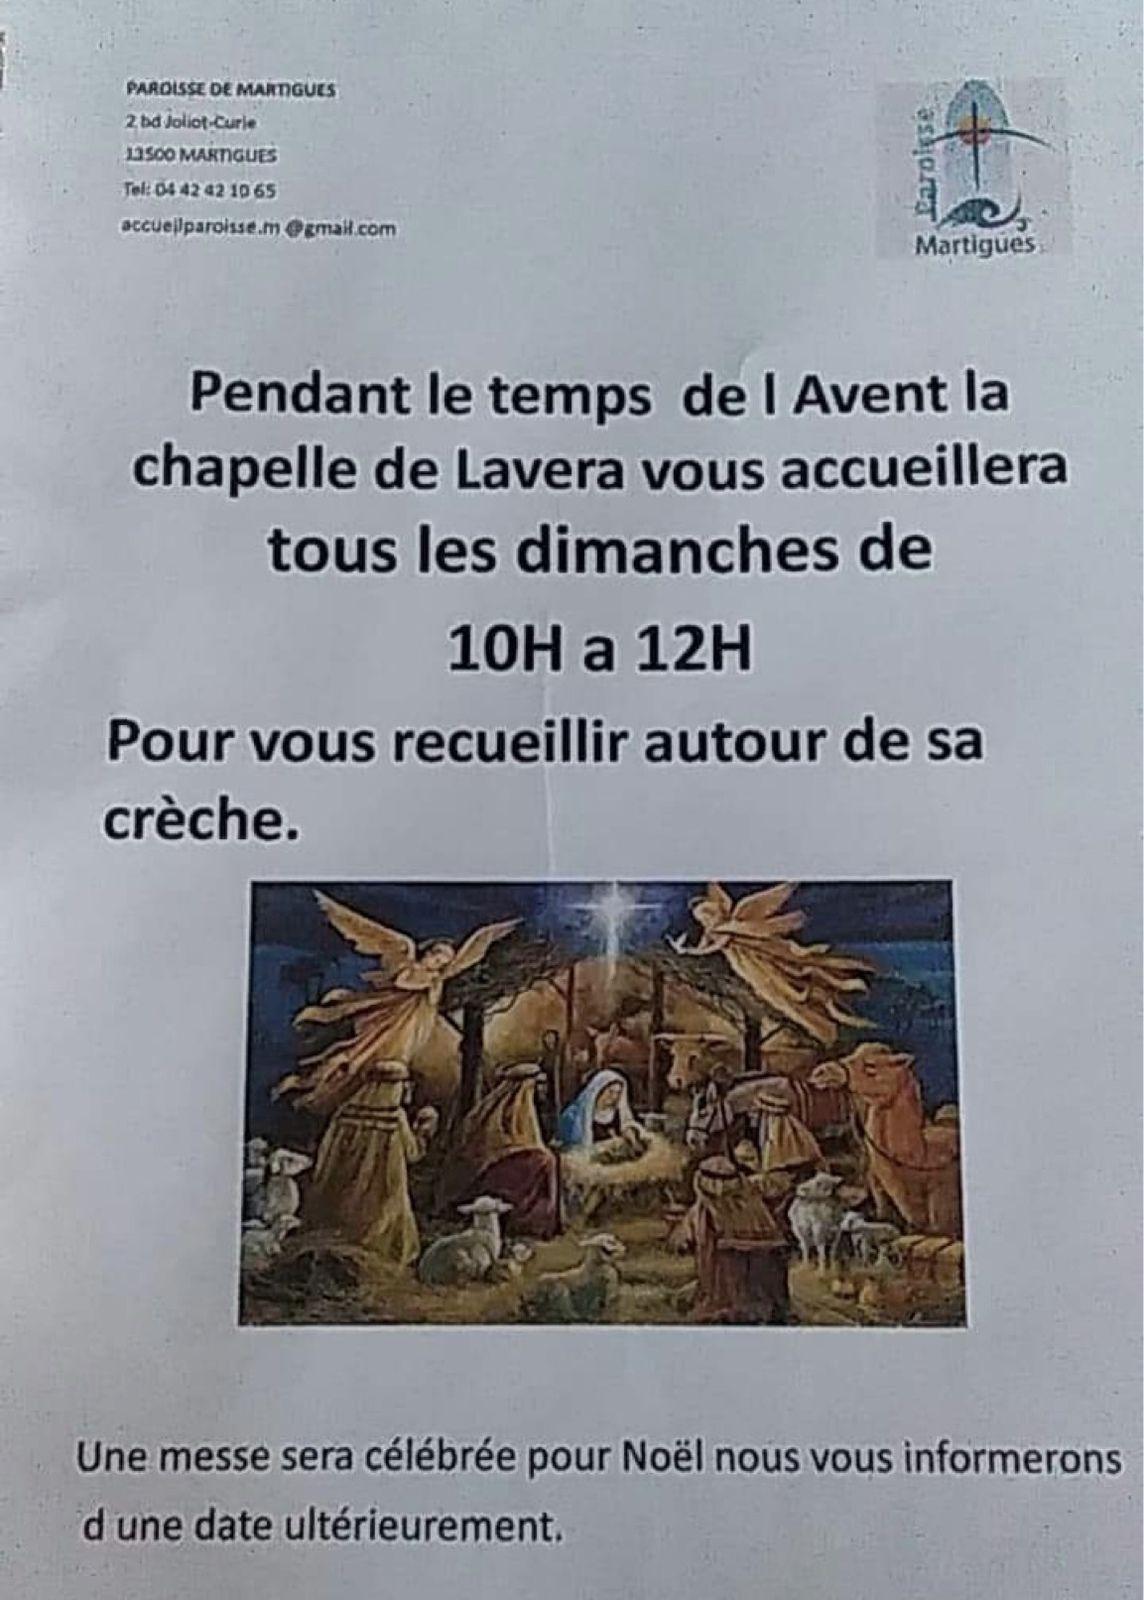 Nous saluons cette année la nouvelle crèche de la chapelle de Lavera qui est ouverte le dimanche matin.